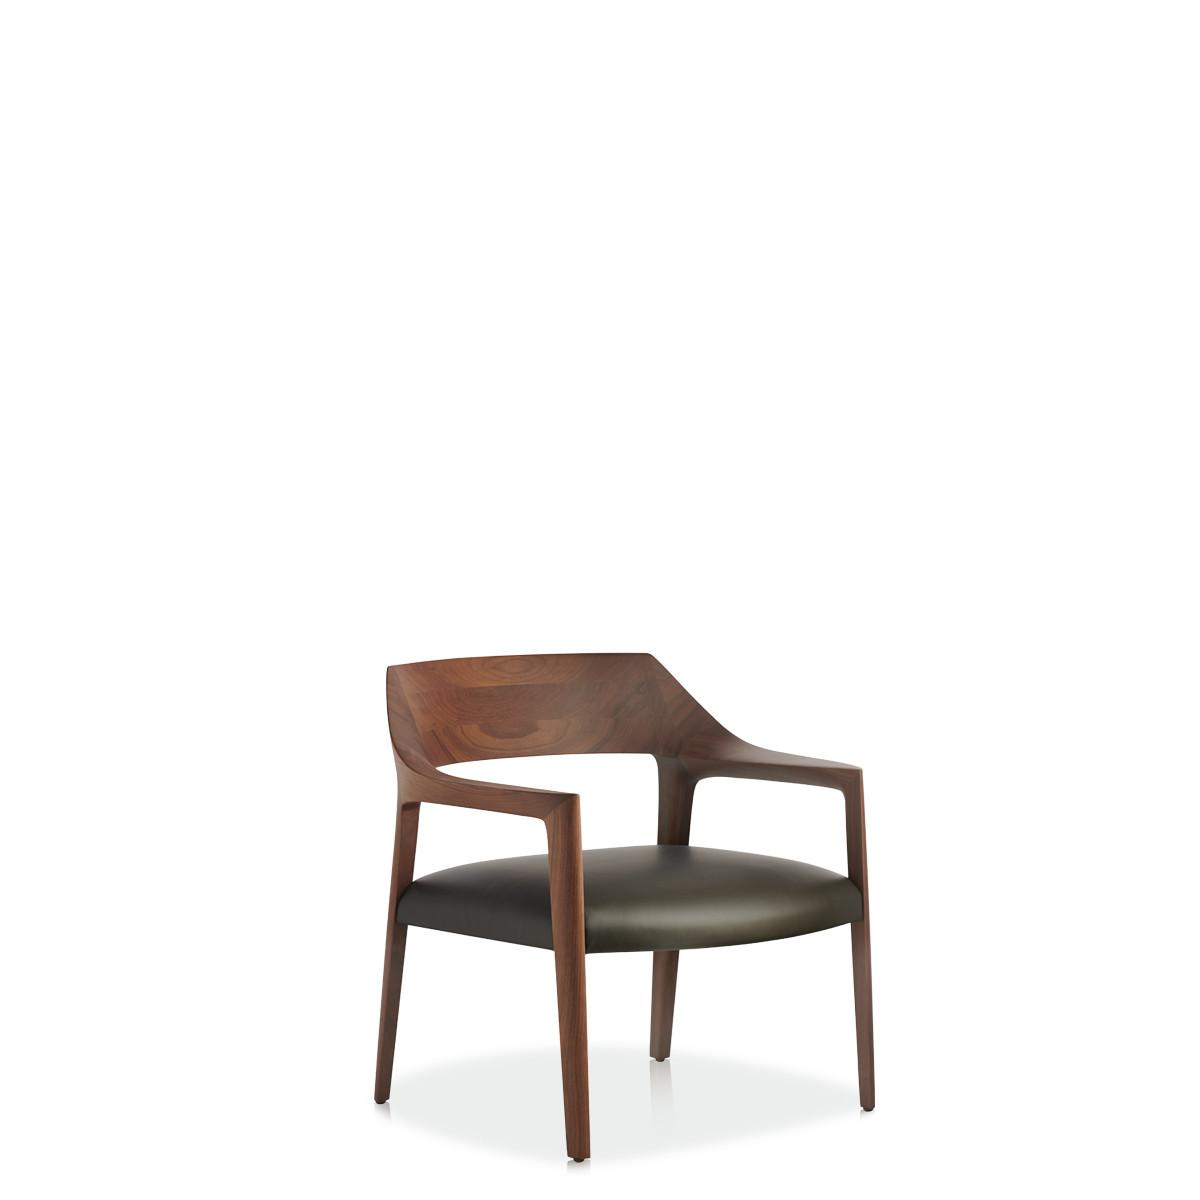 Entdecken Sie bei Conzept Beckord besondere Designmöbel! Hier finden Sie Potocco Sofas und Sessel: Scheggia holz braun